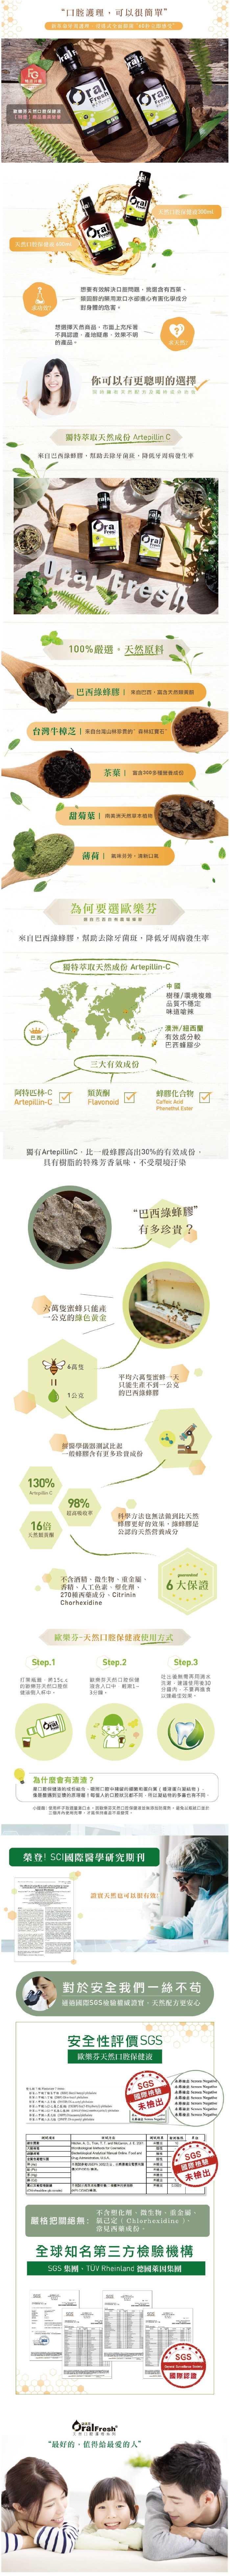 歐樂芬天然口腔保健液(600ml)產品資訊